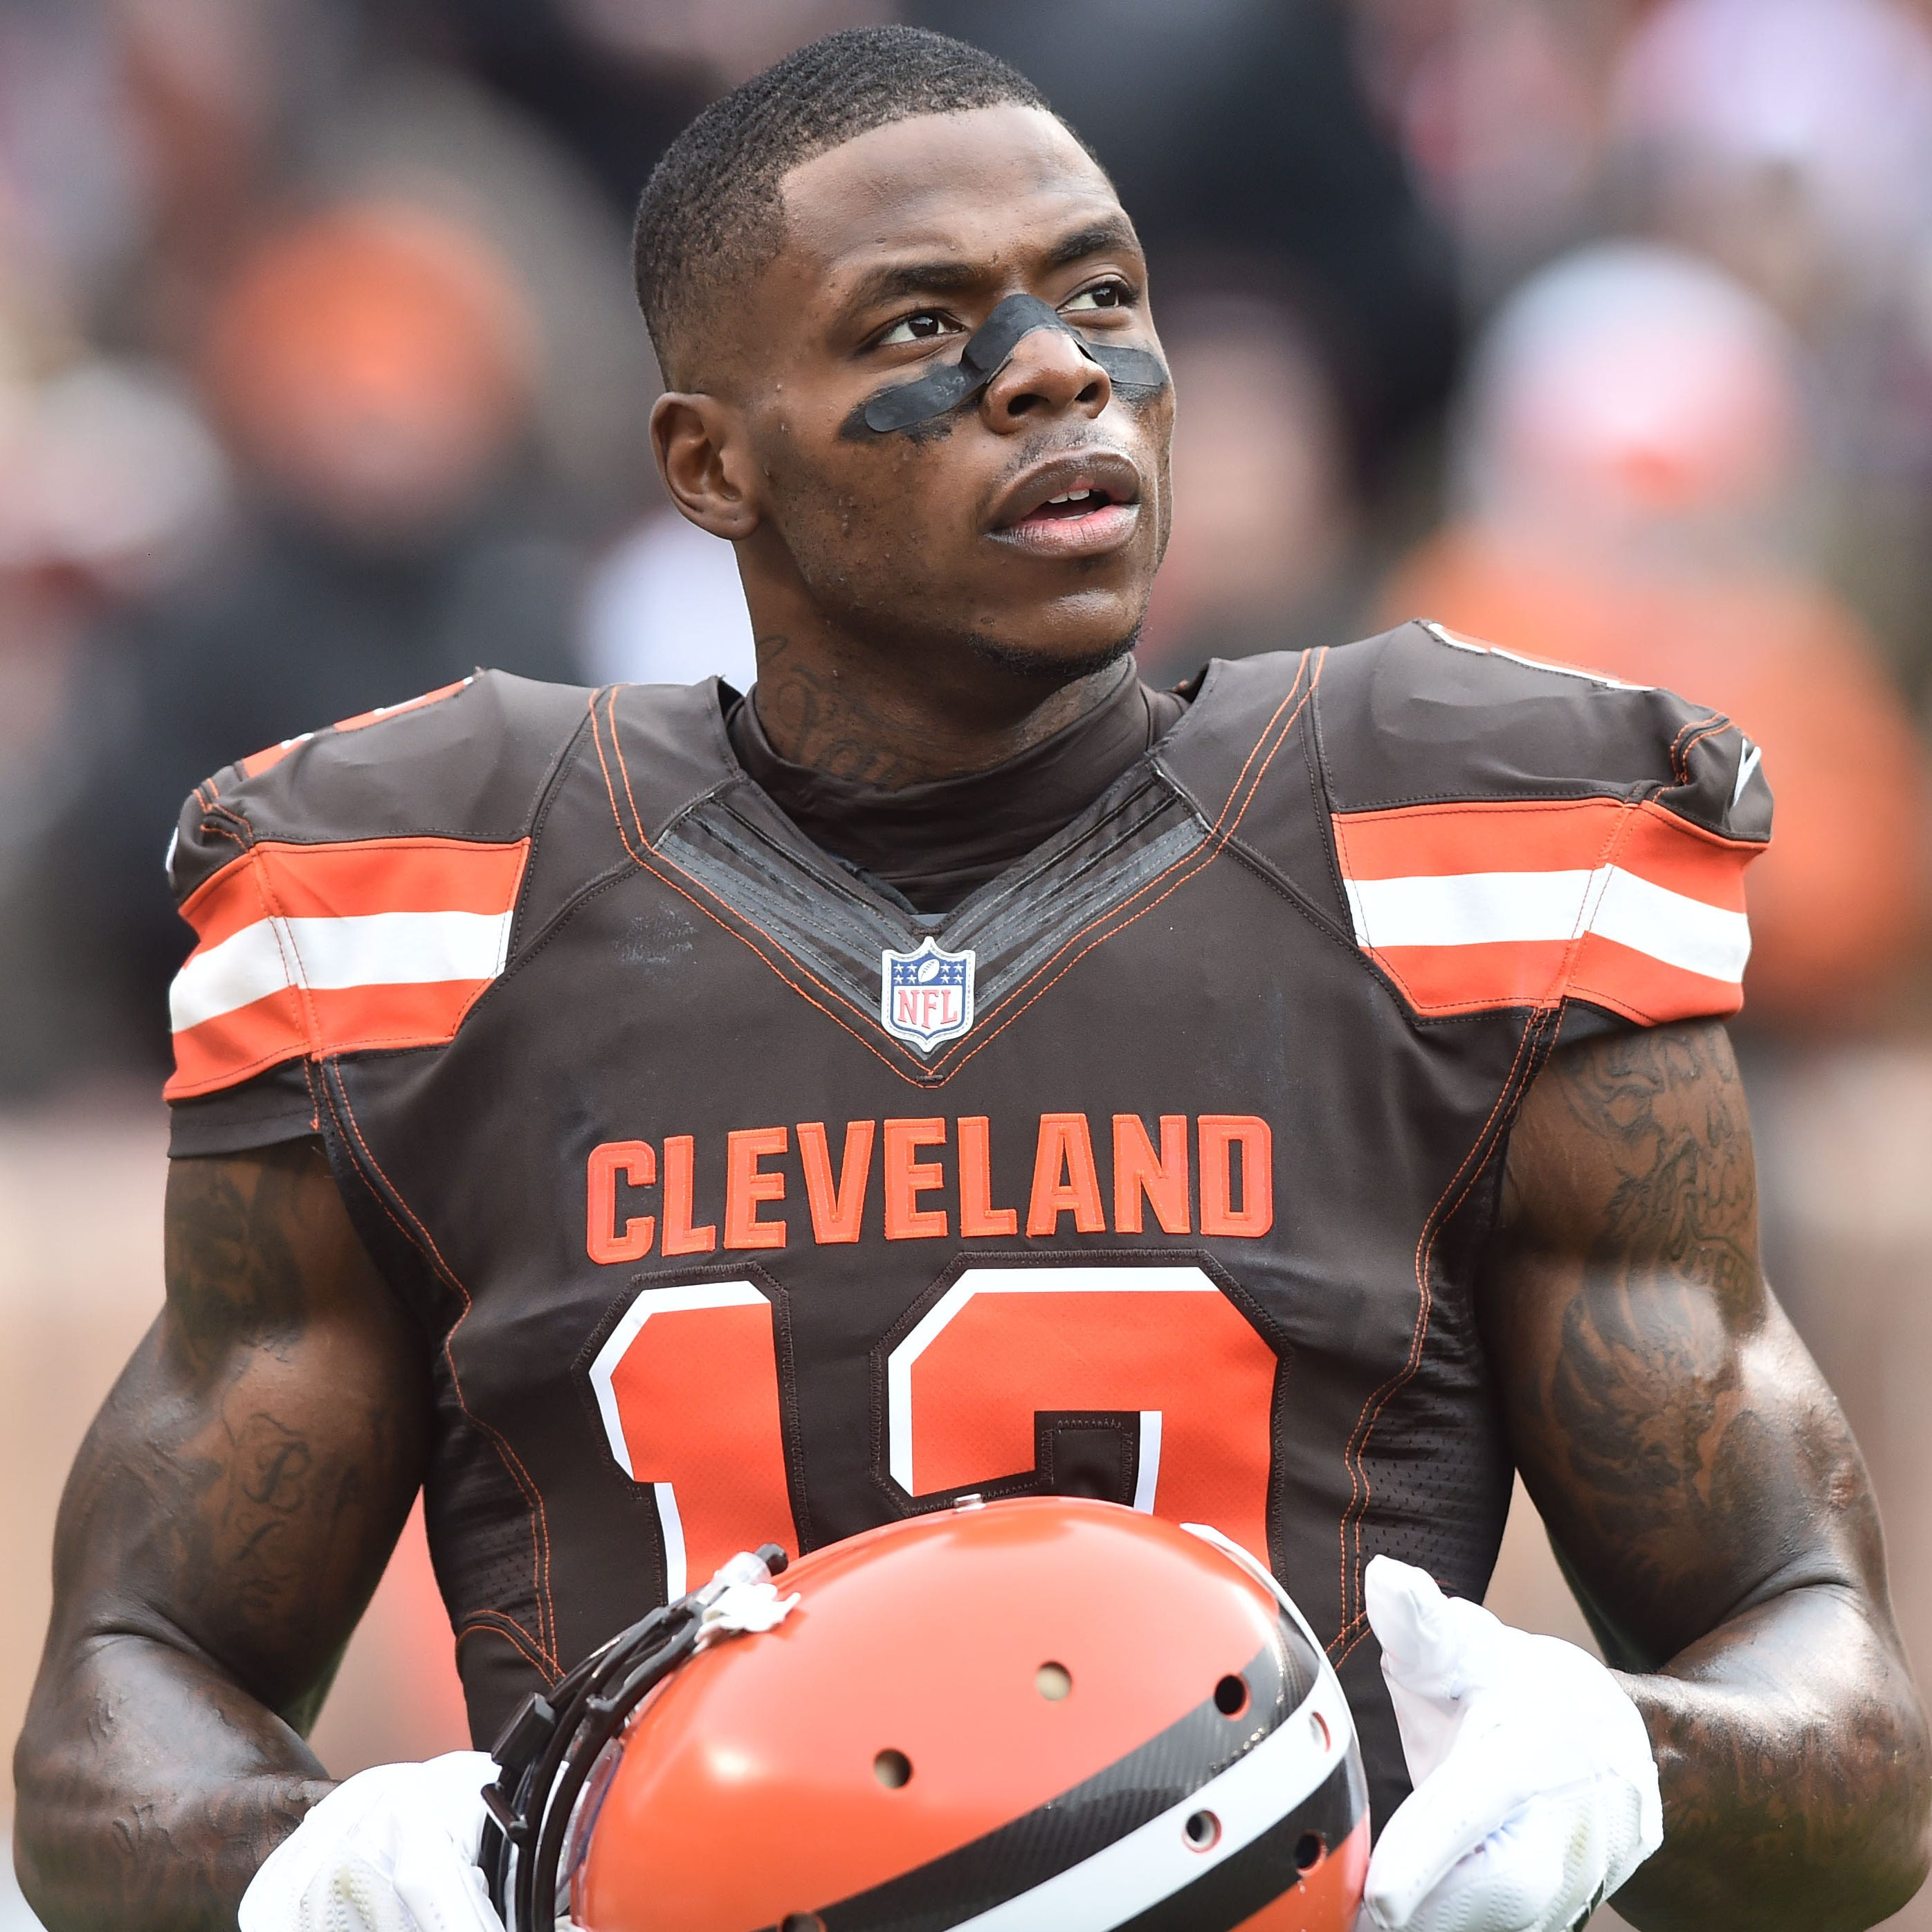 Browns wide receiver Josh Gordon